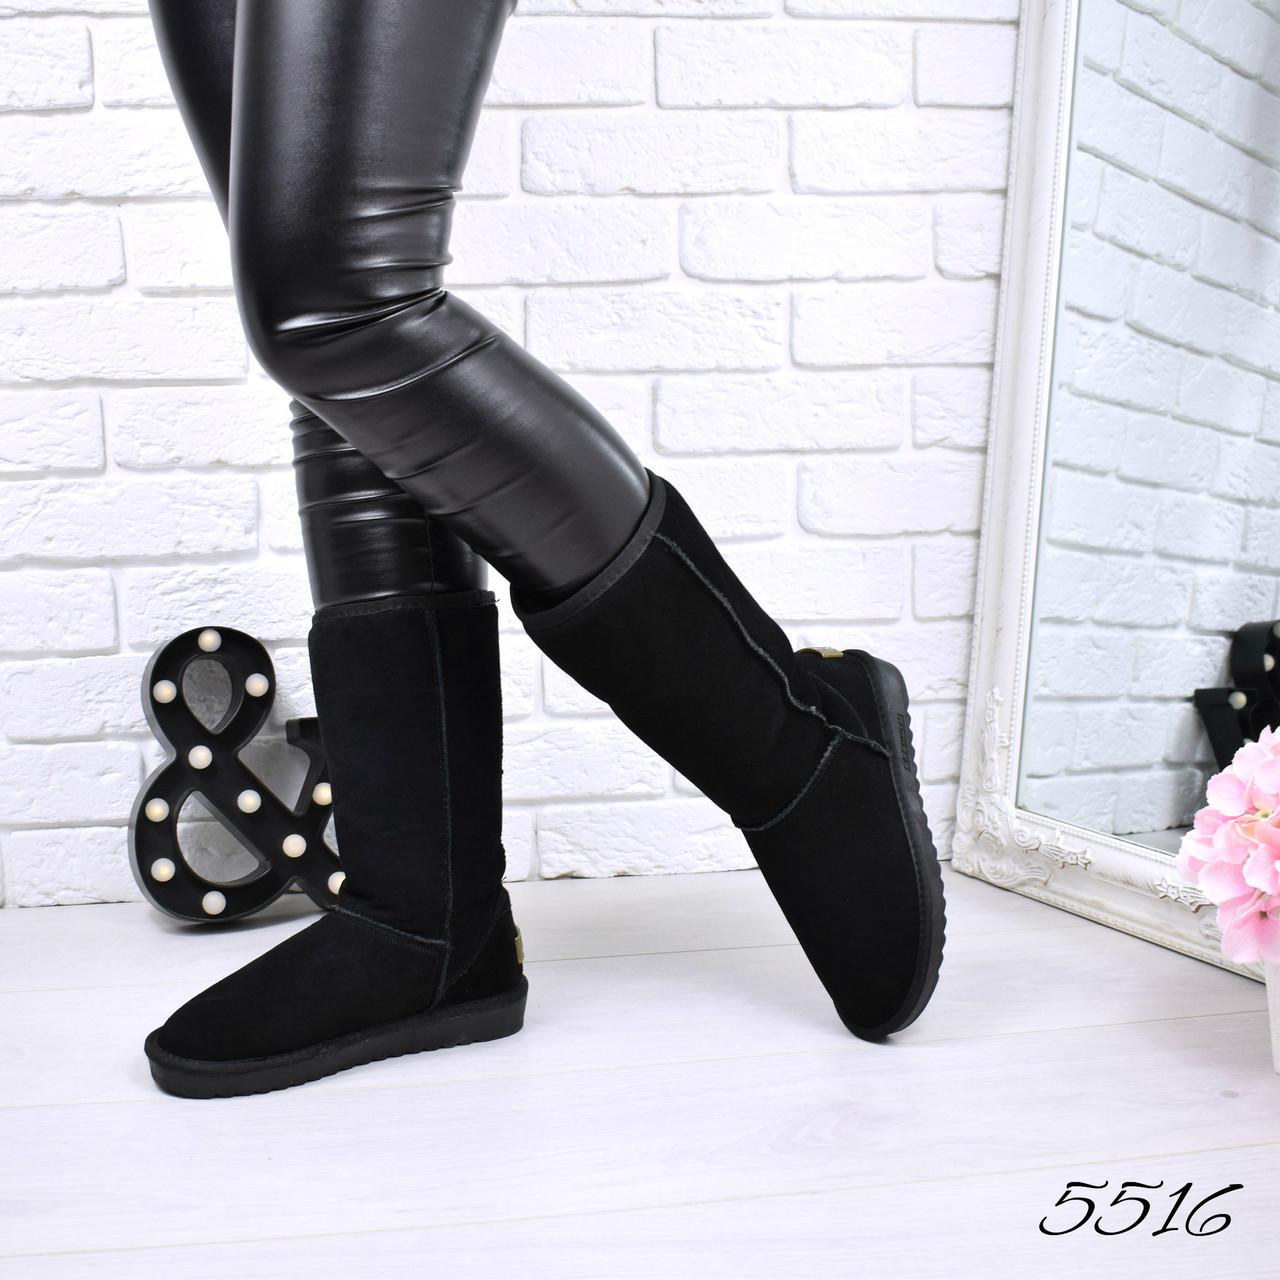 ac8f06f5c393 Угги женские UGG Высокие натуральная замша 5516, зимняя обувь - Интернет -  магазин MaxTrade в